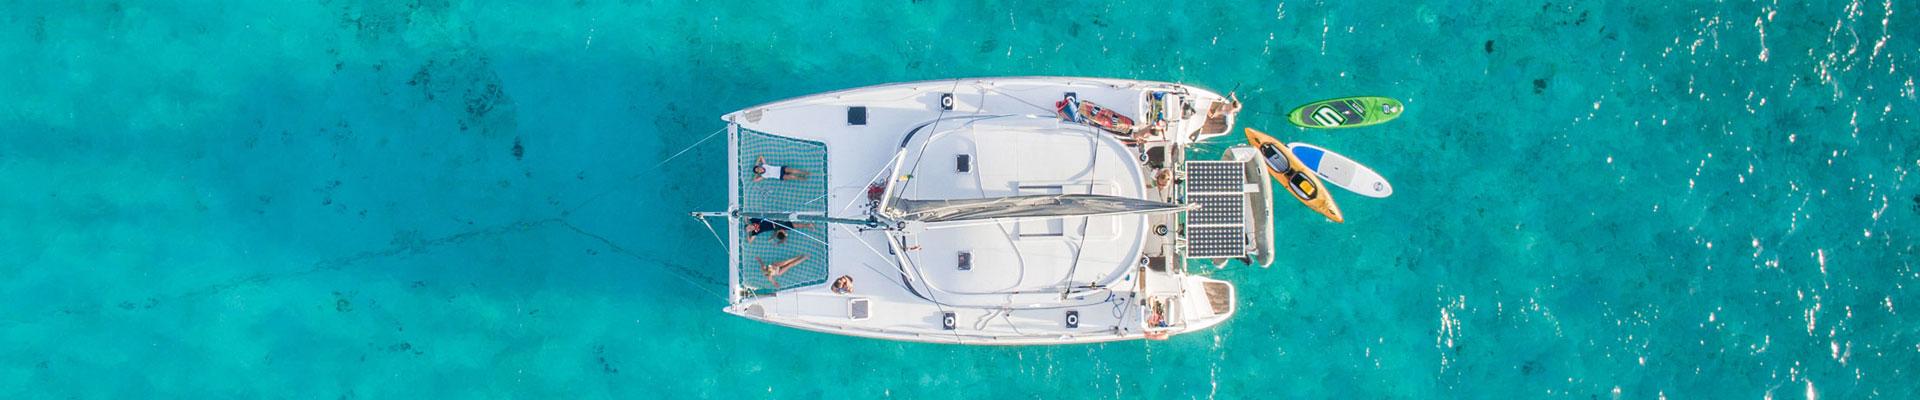 bateau vu par drone